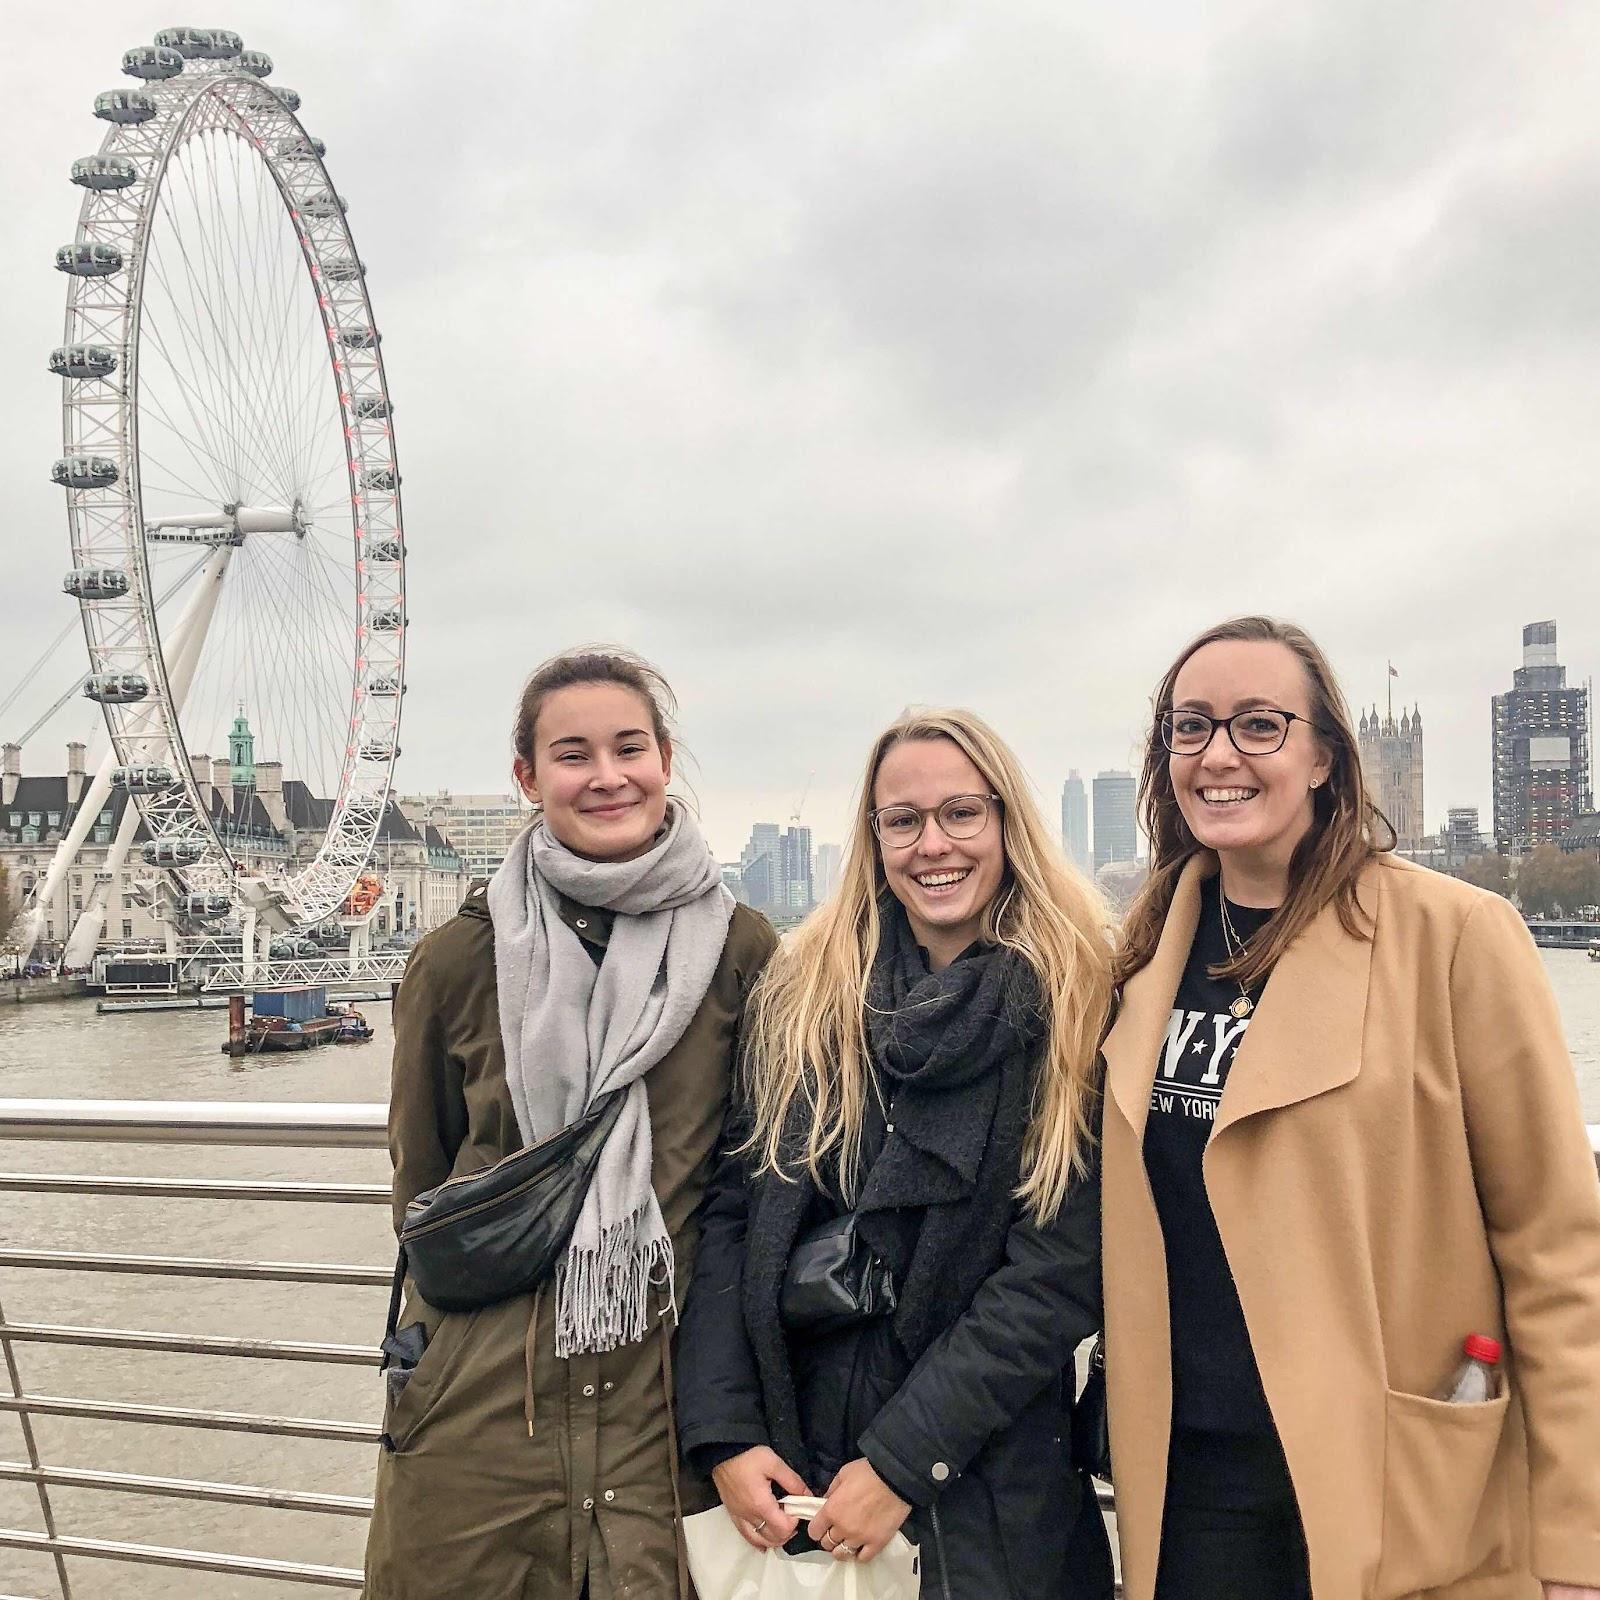 london-lifestyle-blog-london-eye-best-instagram-spots-london